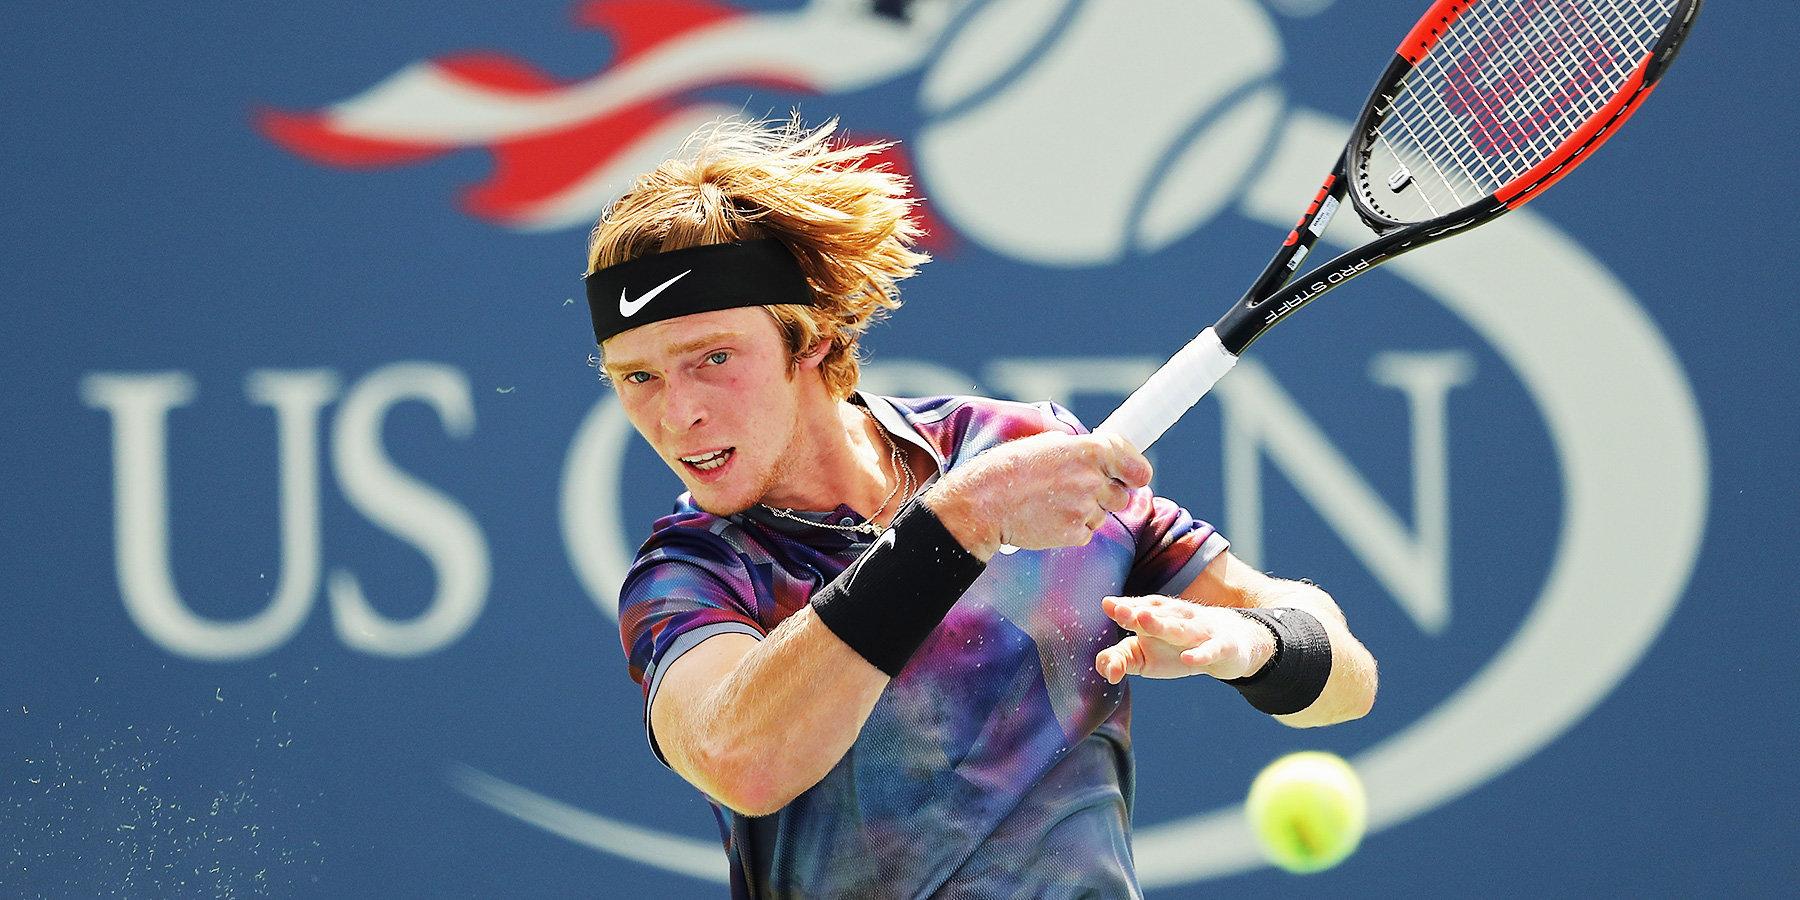 Рублёв прилетел в США для участия в US Open